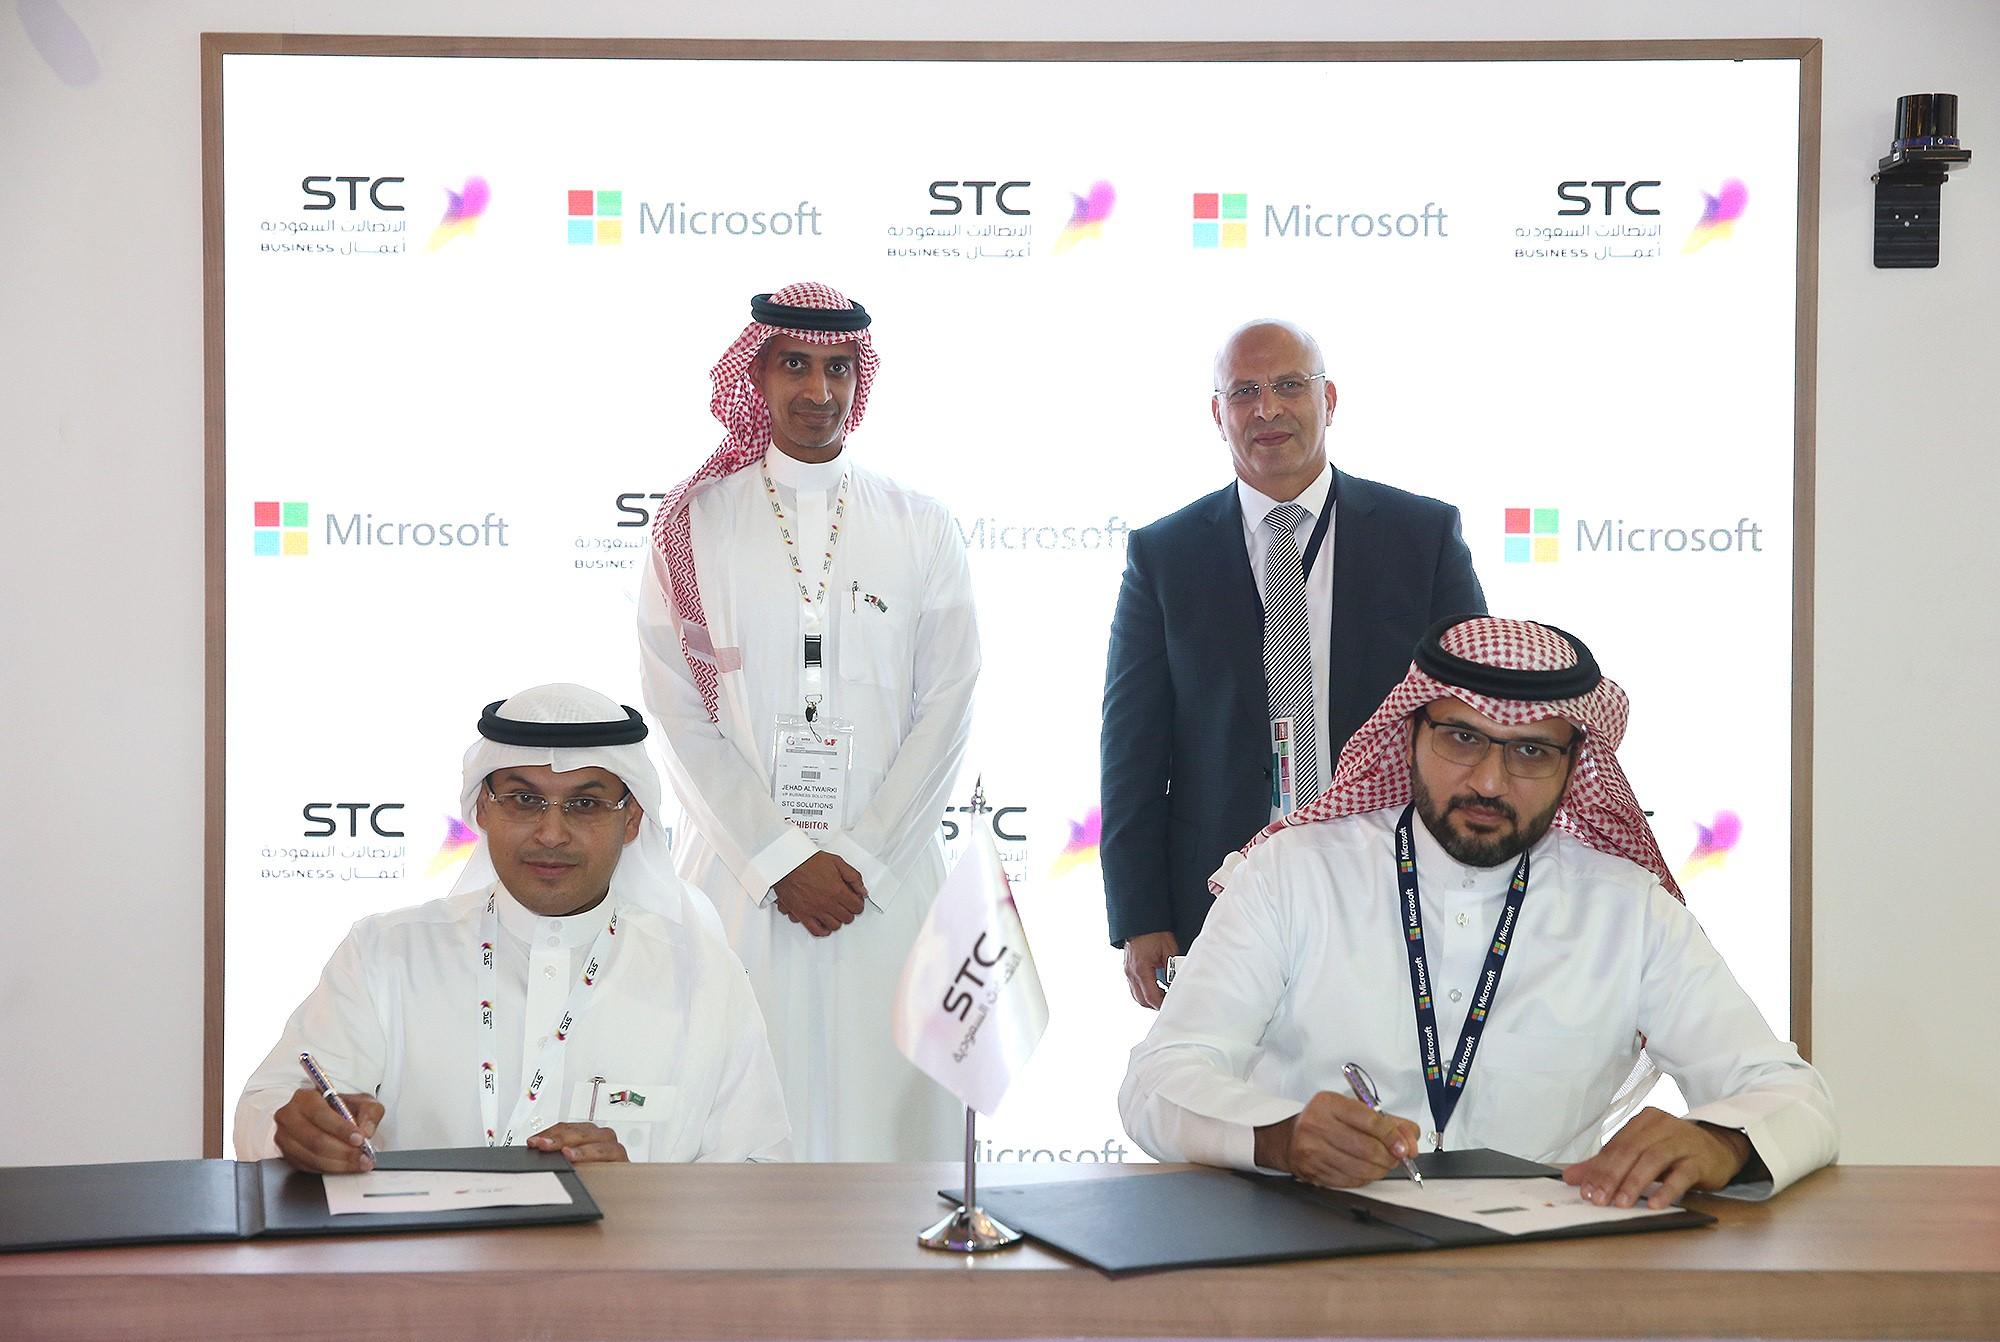 STCS - Microsoft